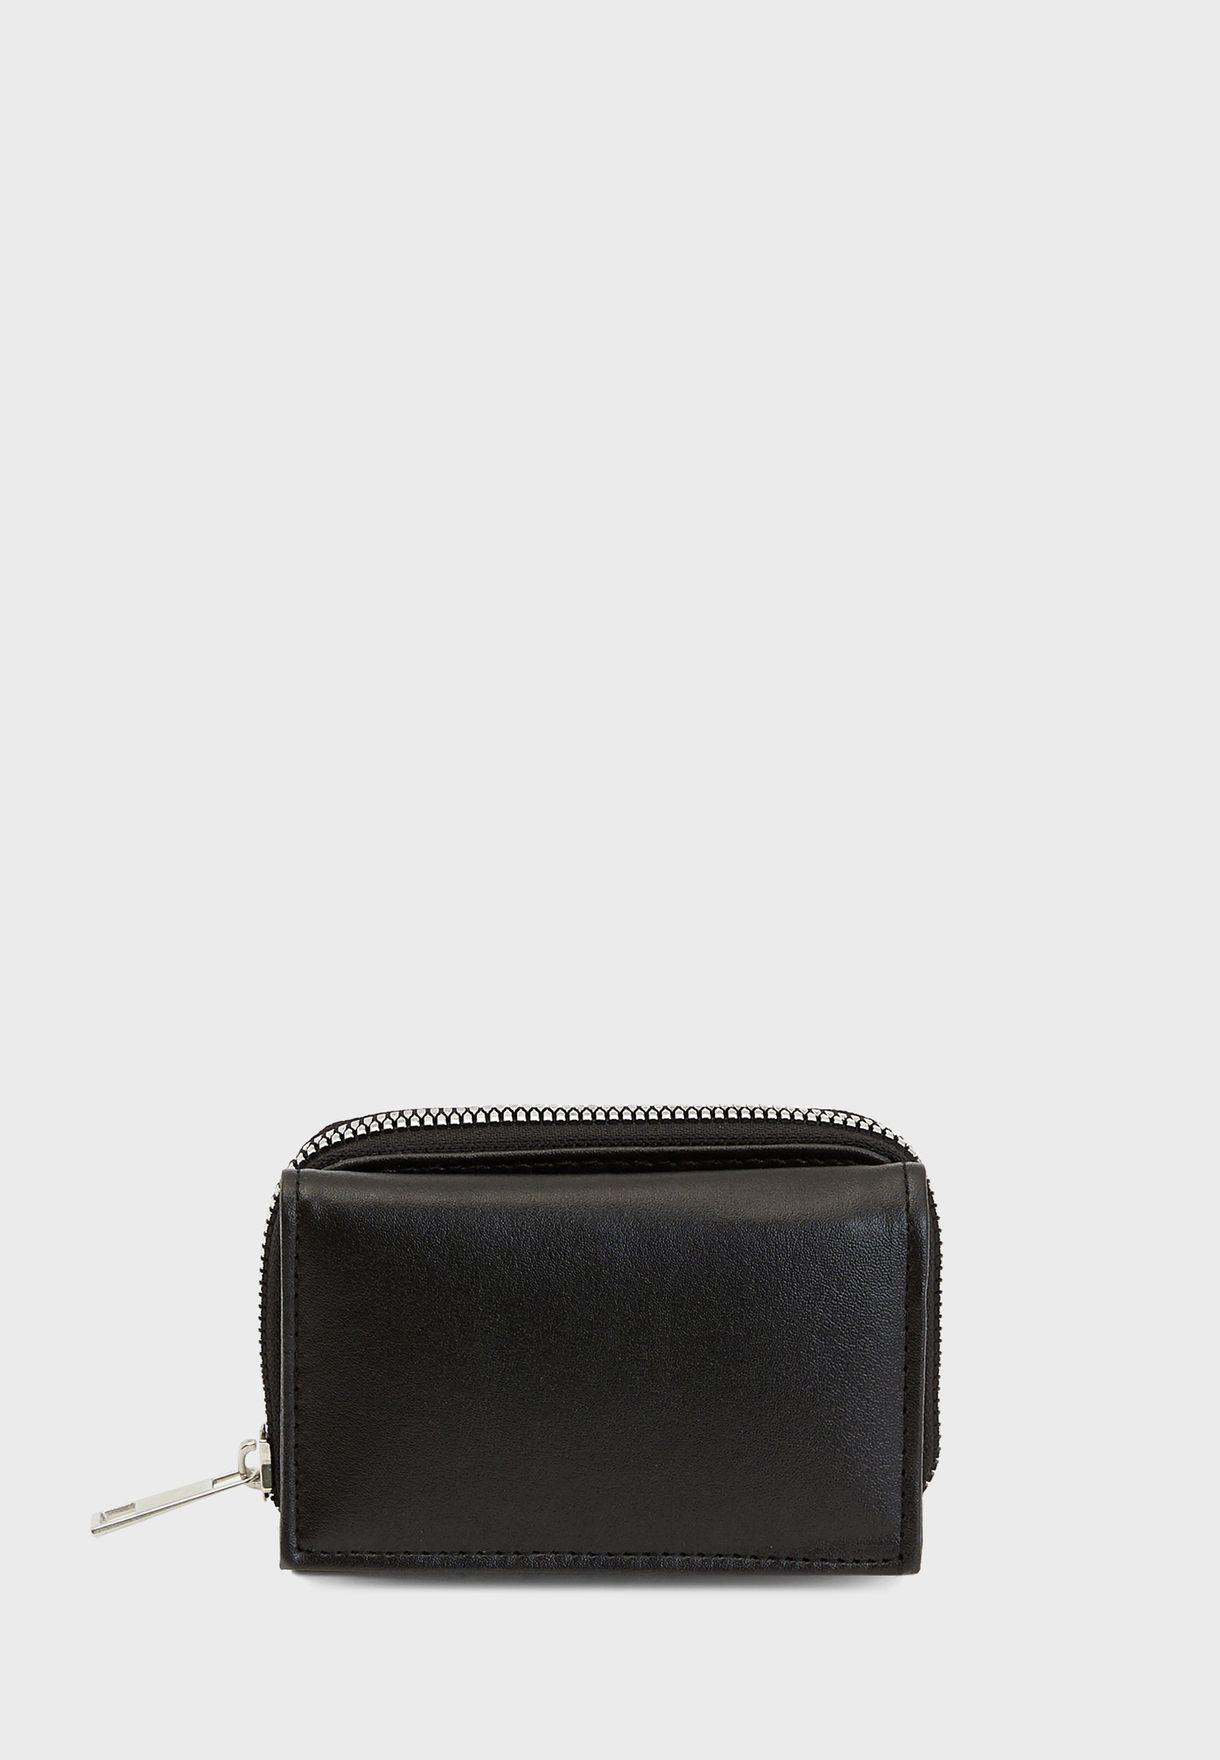 Zip Closure Cosmetic Bags